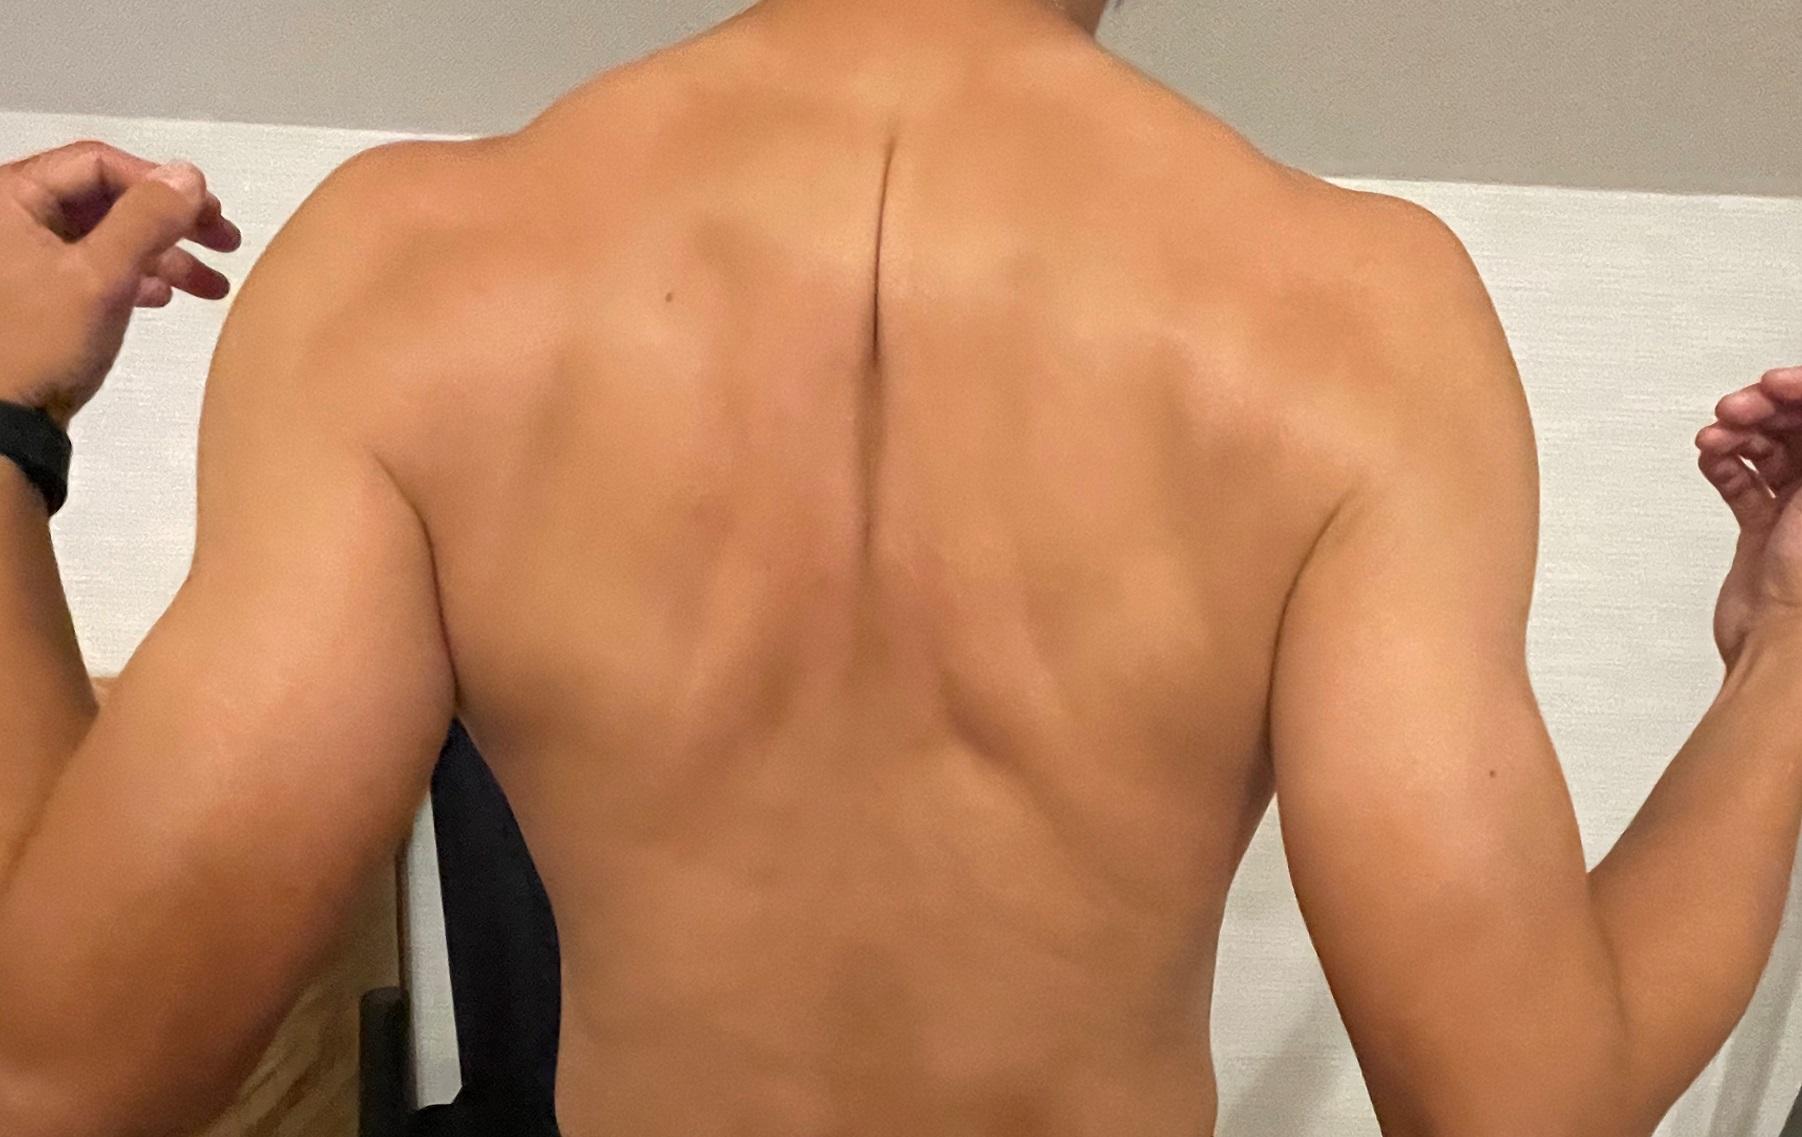 痛い と を 肩 が 左 甲骨 吸う 息